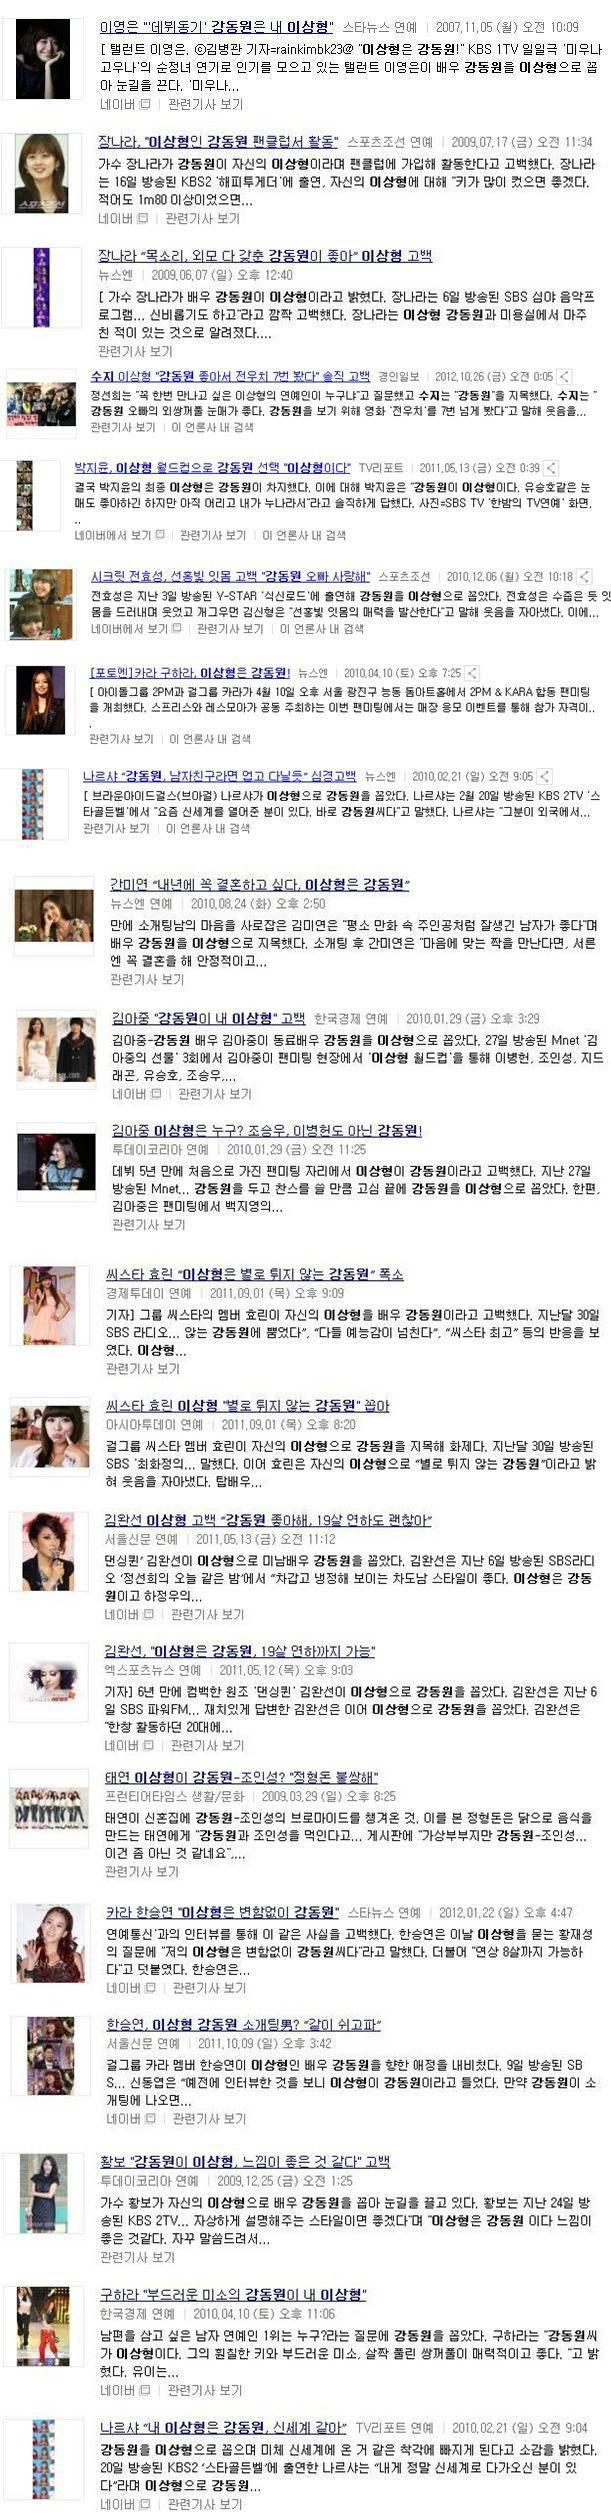 Tài tử được nhiều sao nữ chọn là hình mẫu lý tưởng nhất xứ Hàn: Từ Suzy cho đến mẹ Kim Tan đều mê mẩn - Ảnh 20.